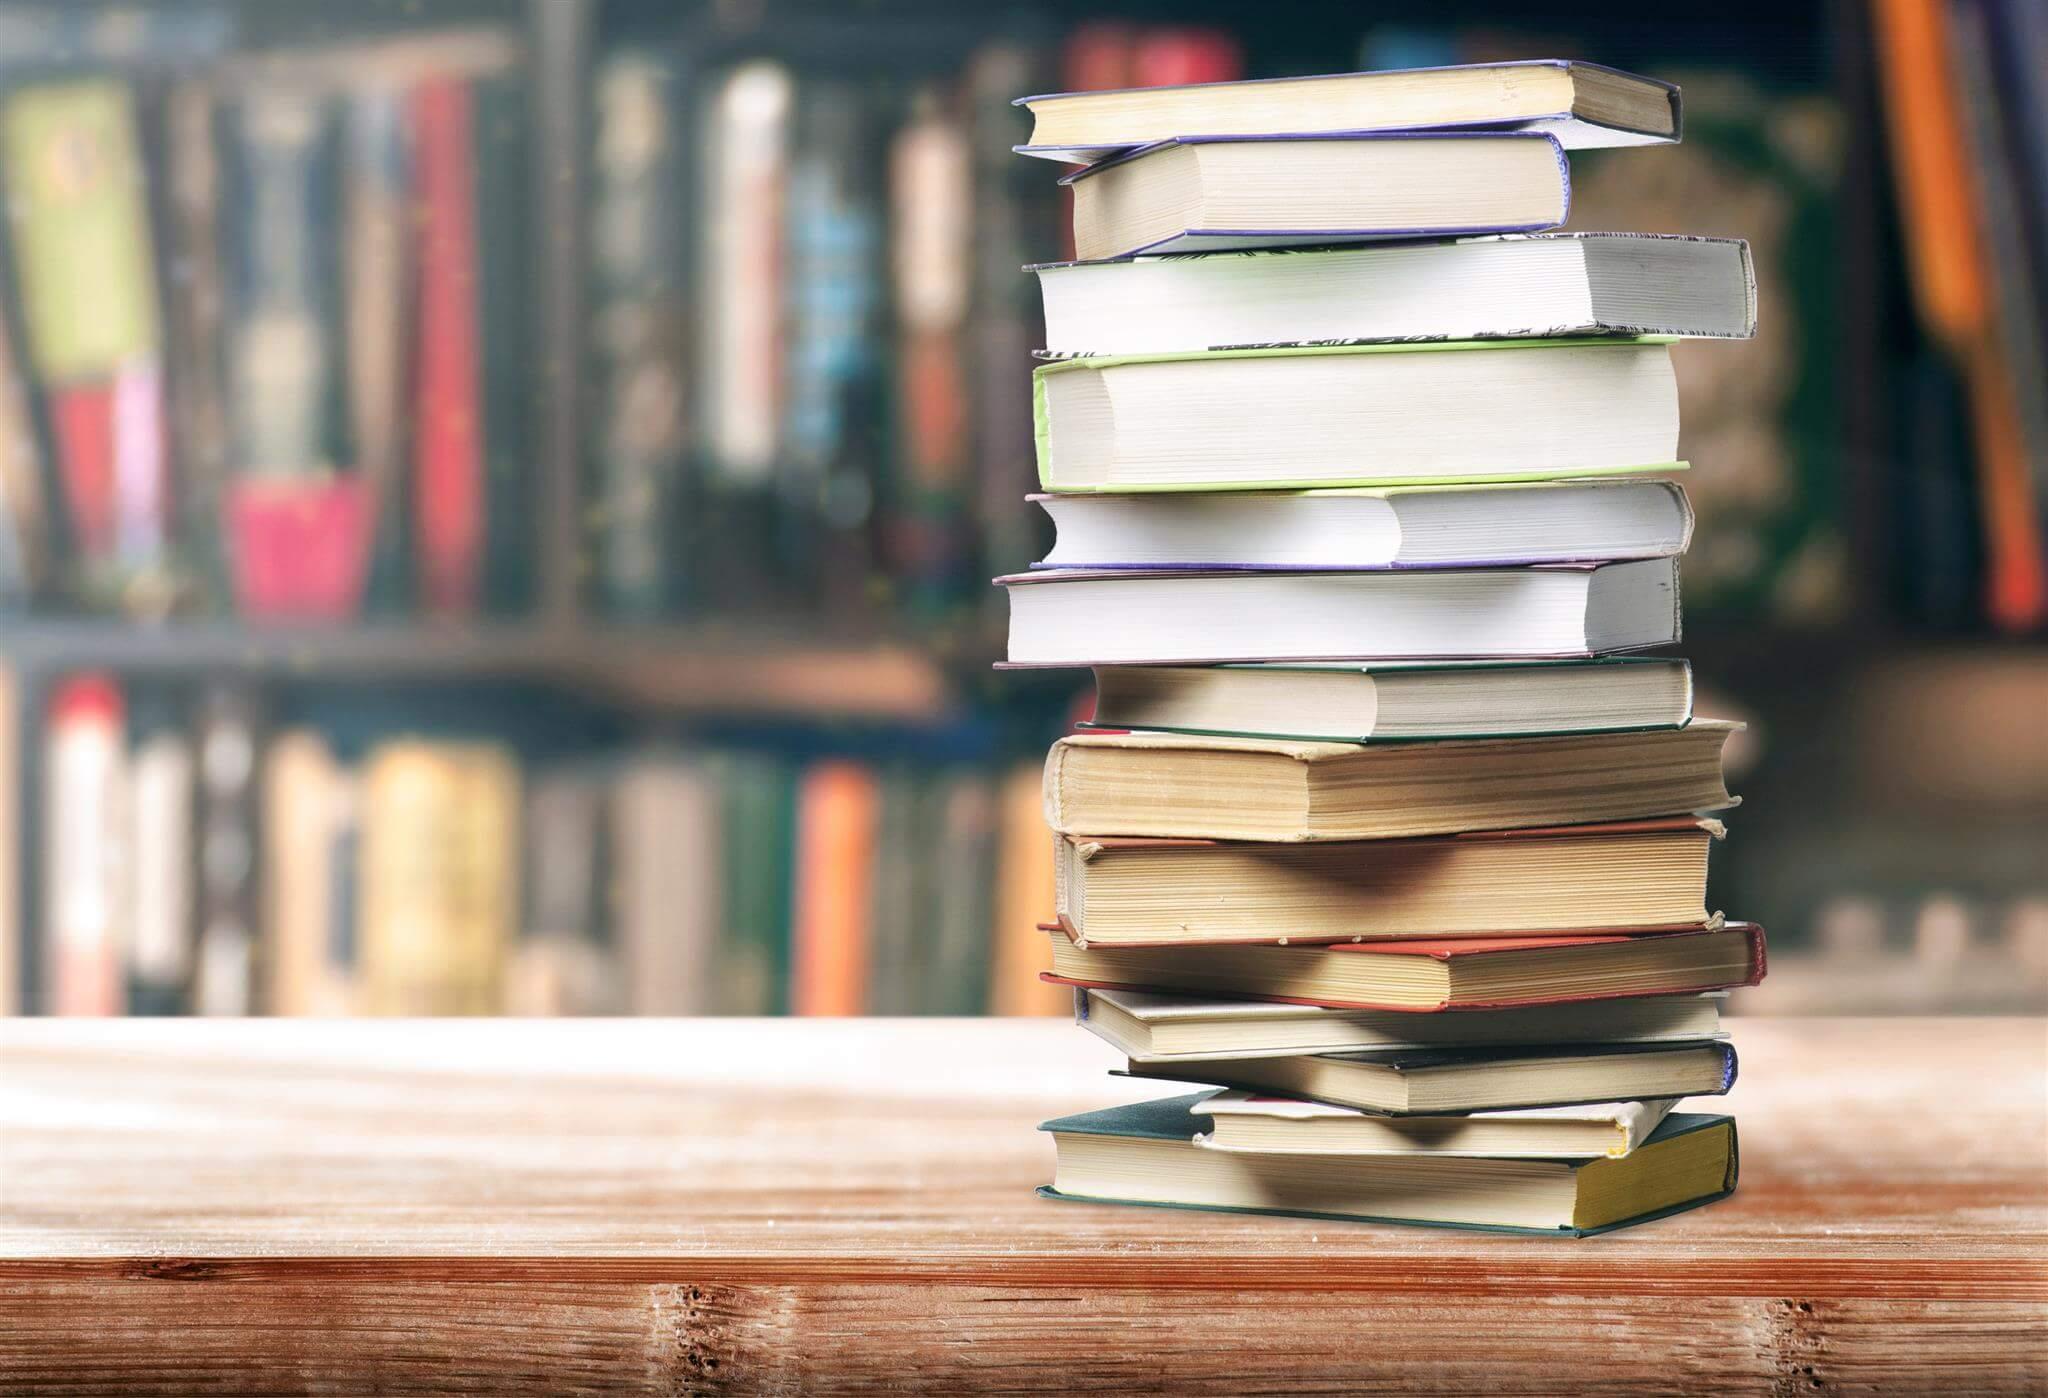 Книги: как правильно выбирать, что почитать на ночь, почему это важно и полезно для нашего мозга, жанры книг, как найти на них время?